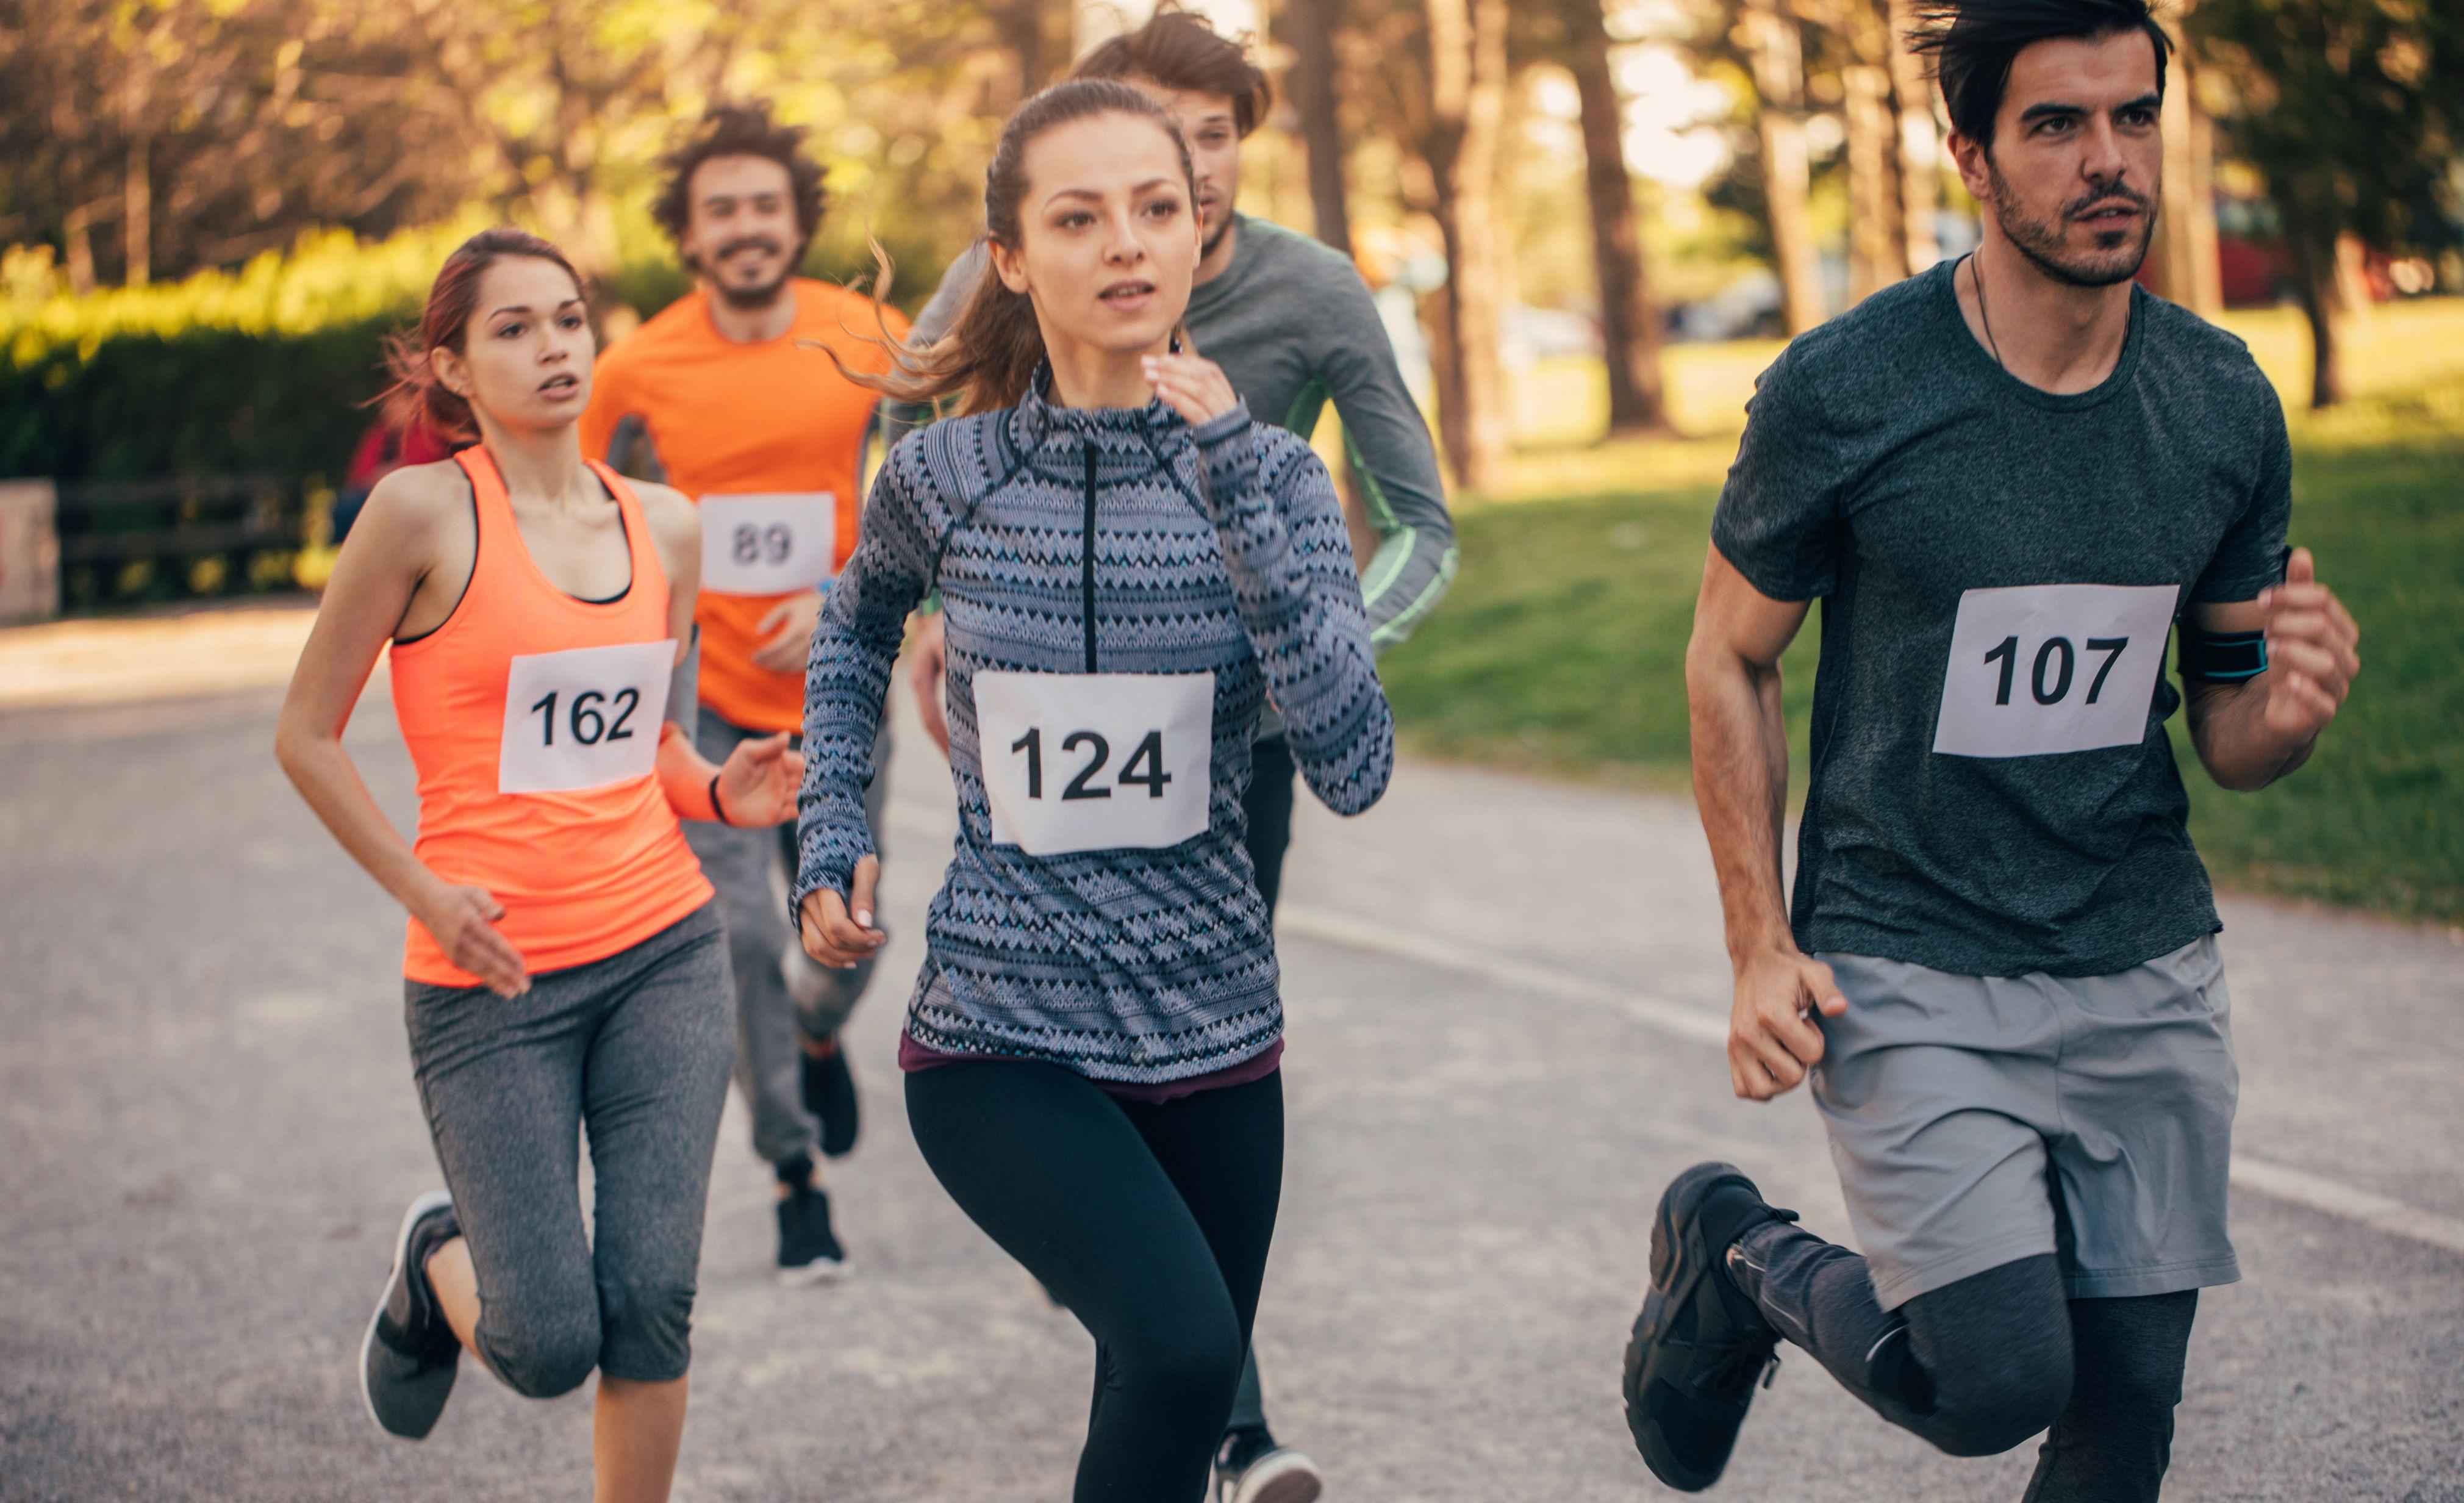 2019 year look- Wear to what half marathon 60 degrees